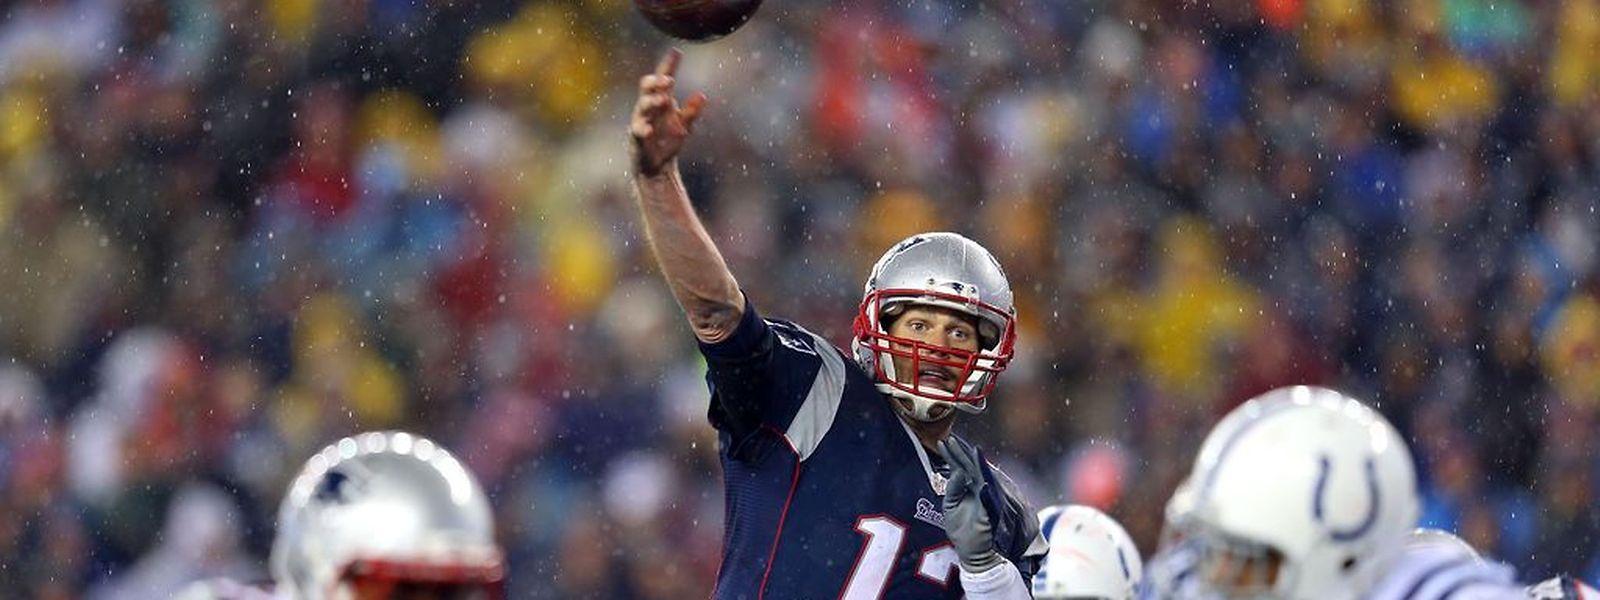 Tom Brady könnte seinen vierten Super-Bowl-Ring gewinnen und damit den Spielmacher-Rekord der Legenden Joe Montana und Terry Bradshaw einstellen.